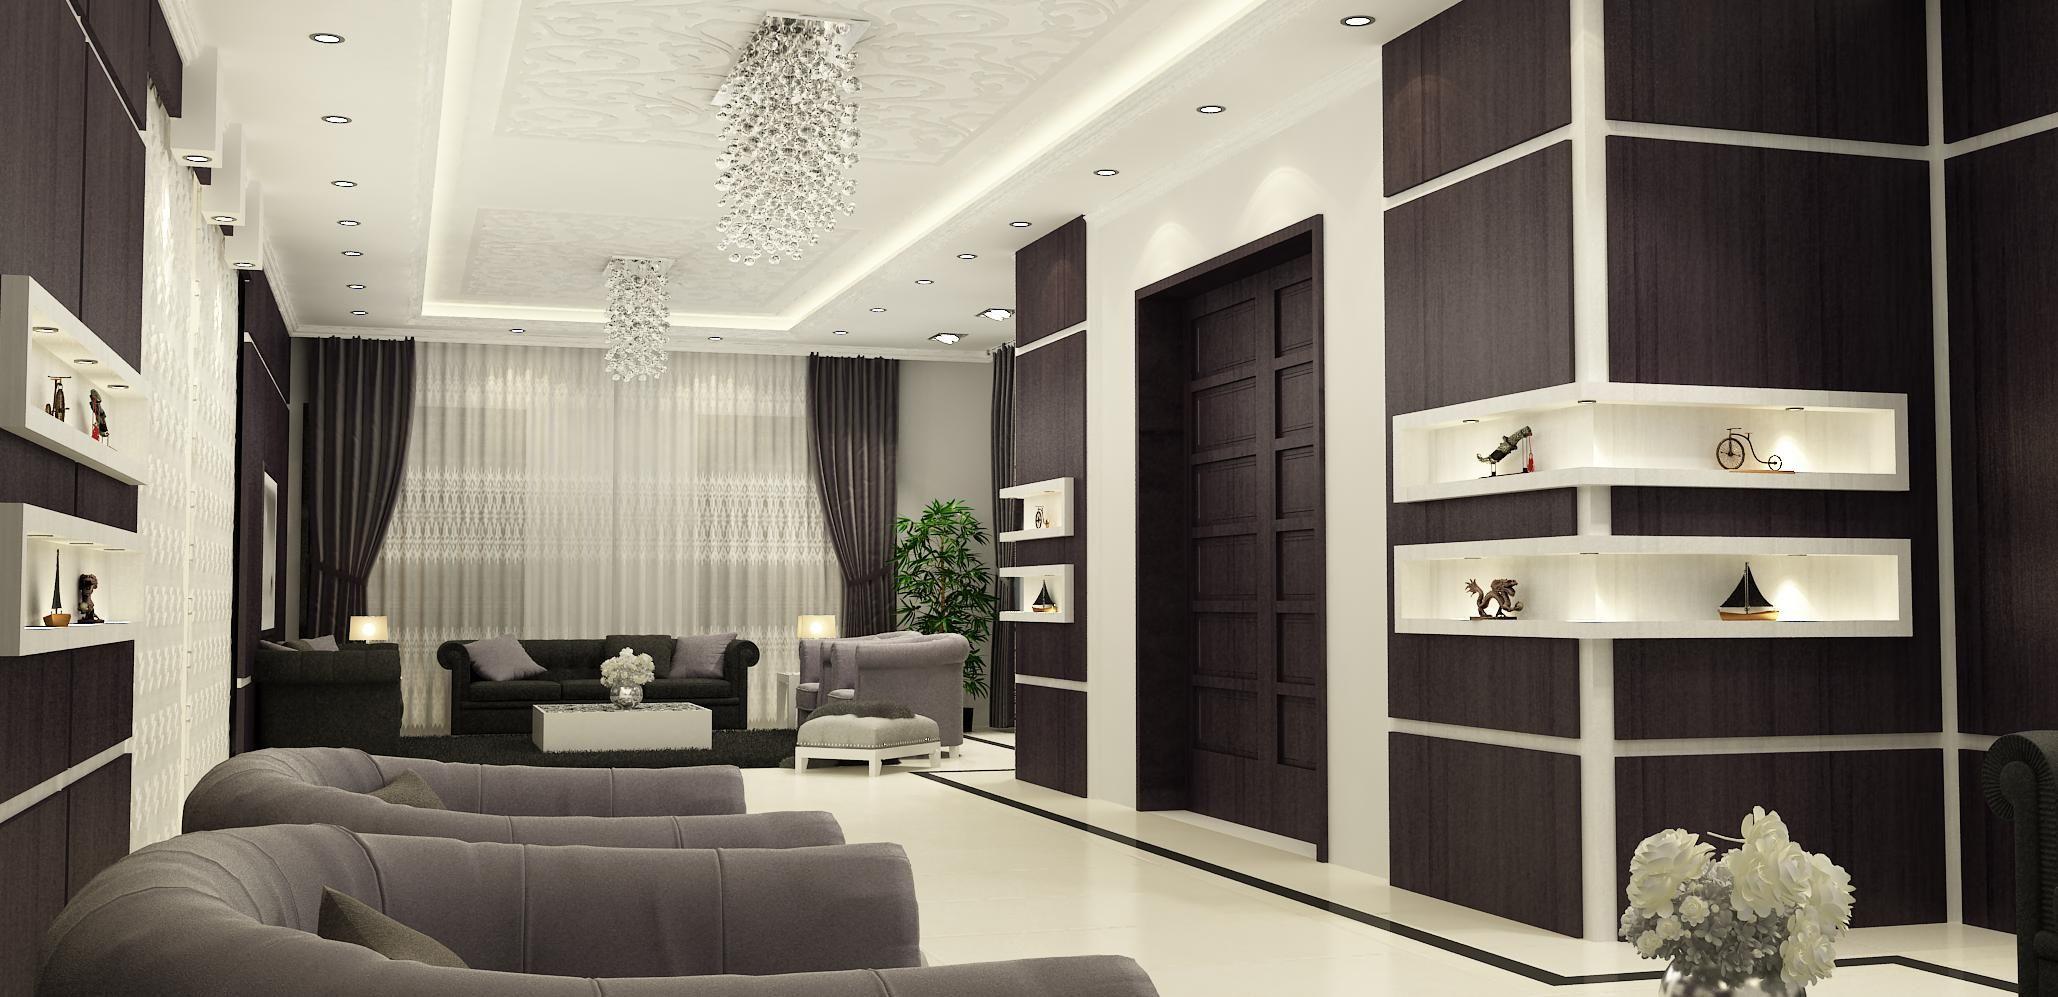 مهندس الديكور منير أبوكويك خيارك الافضل في كل زمان ومكان فخامة جودة تمي ز نهتم بأدق التفاصيل نافسنا الجمي Design Home Decor Home